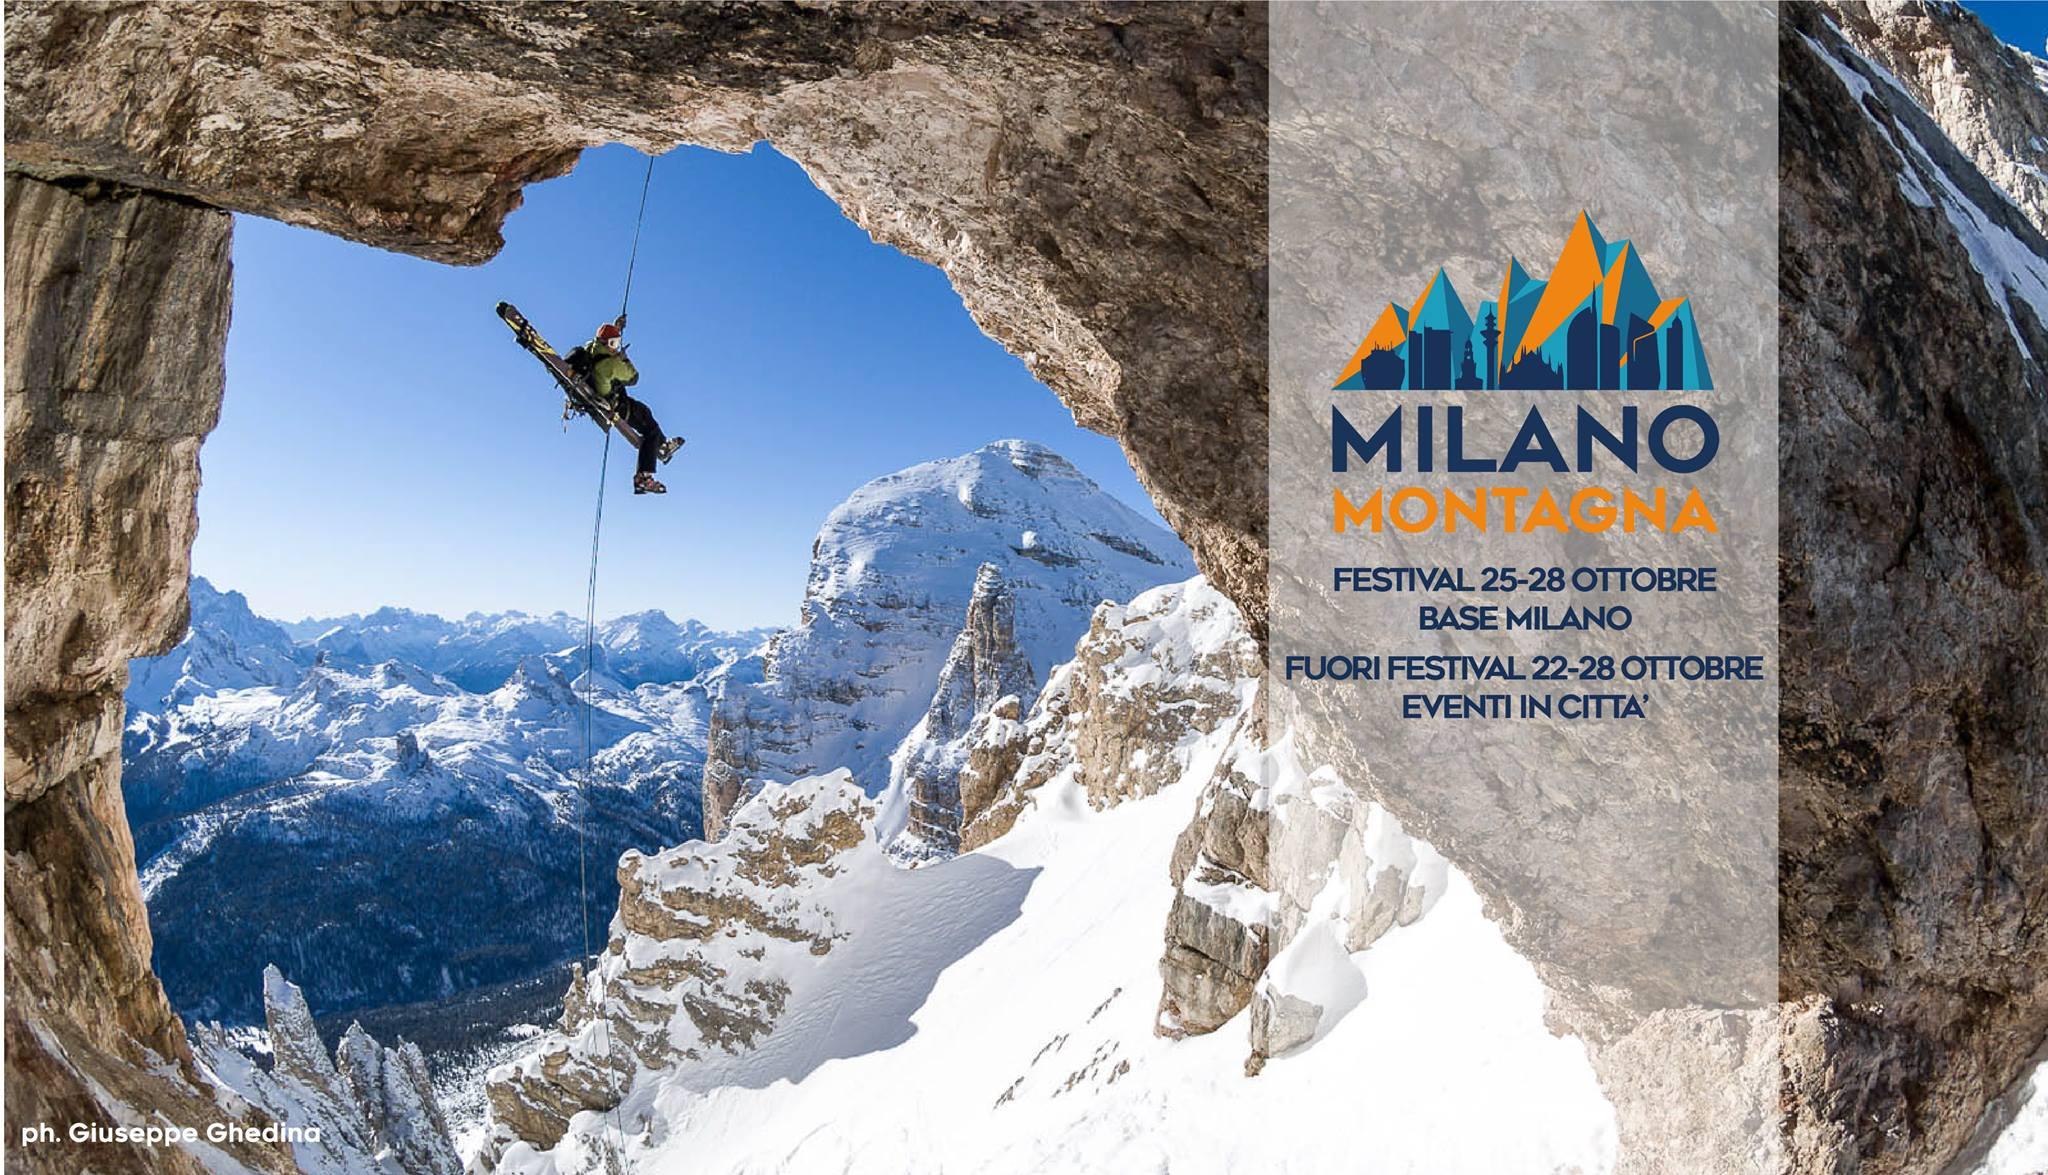 MILANO MONTAGNA FESTIVAL & FUORI FESTIVAL 2018